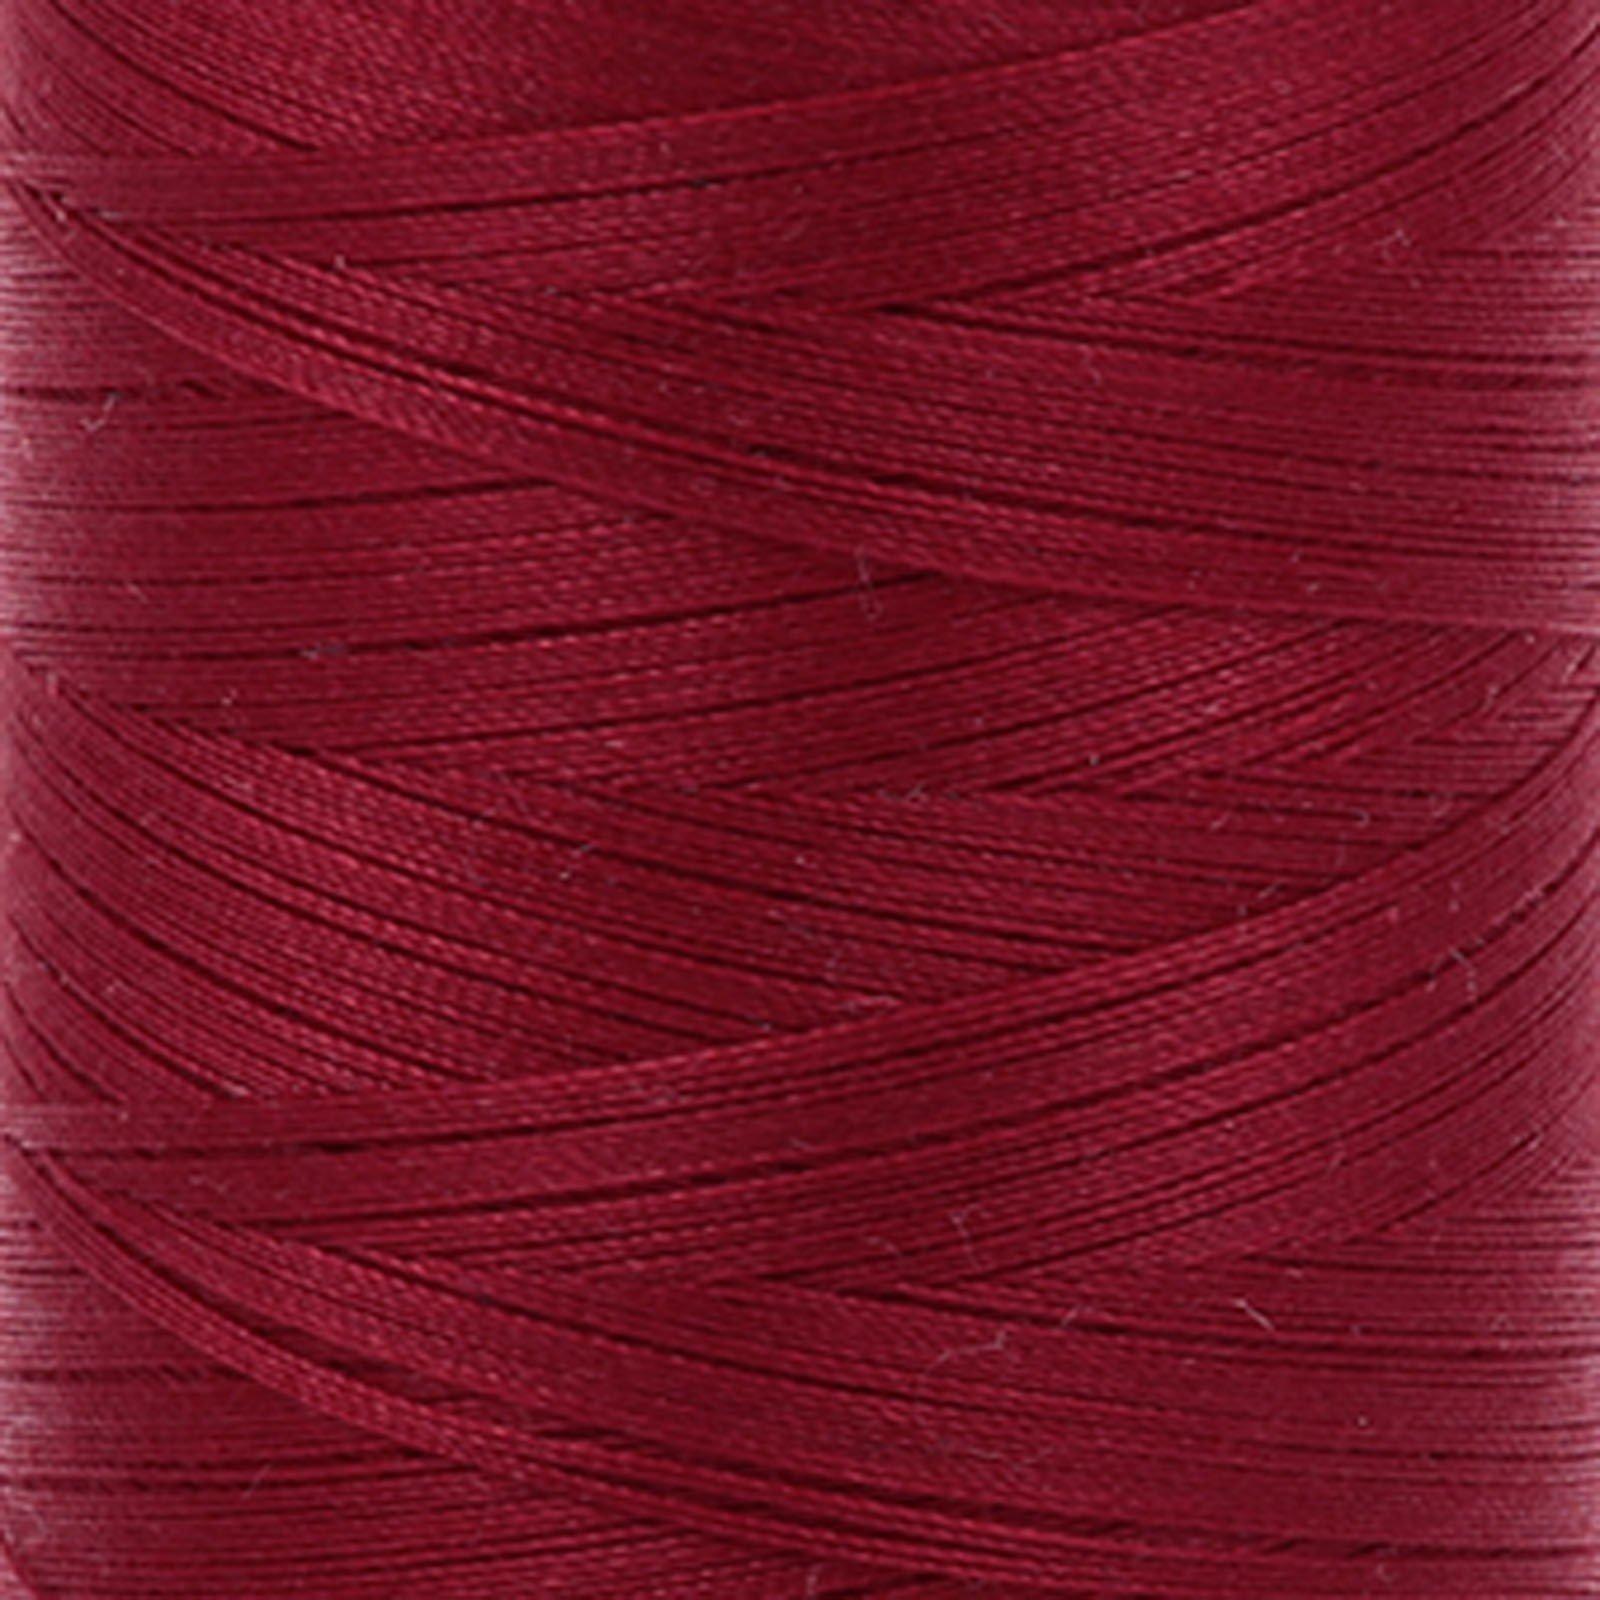 Aurifil Cotton 1103 50wt 220 yds